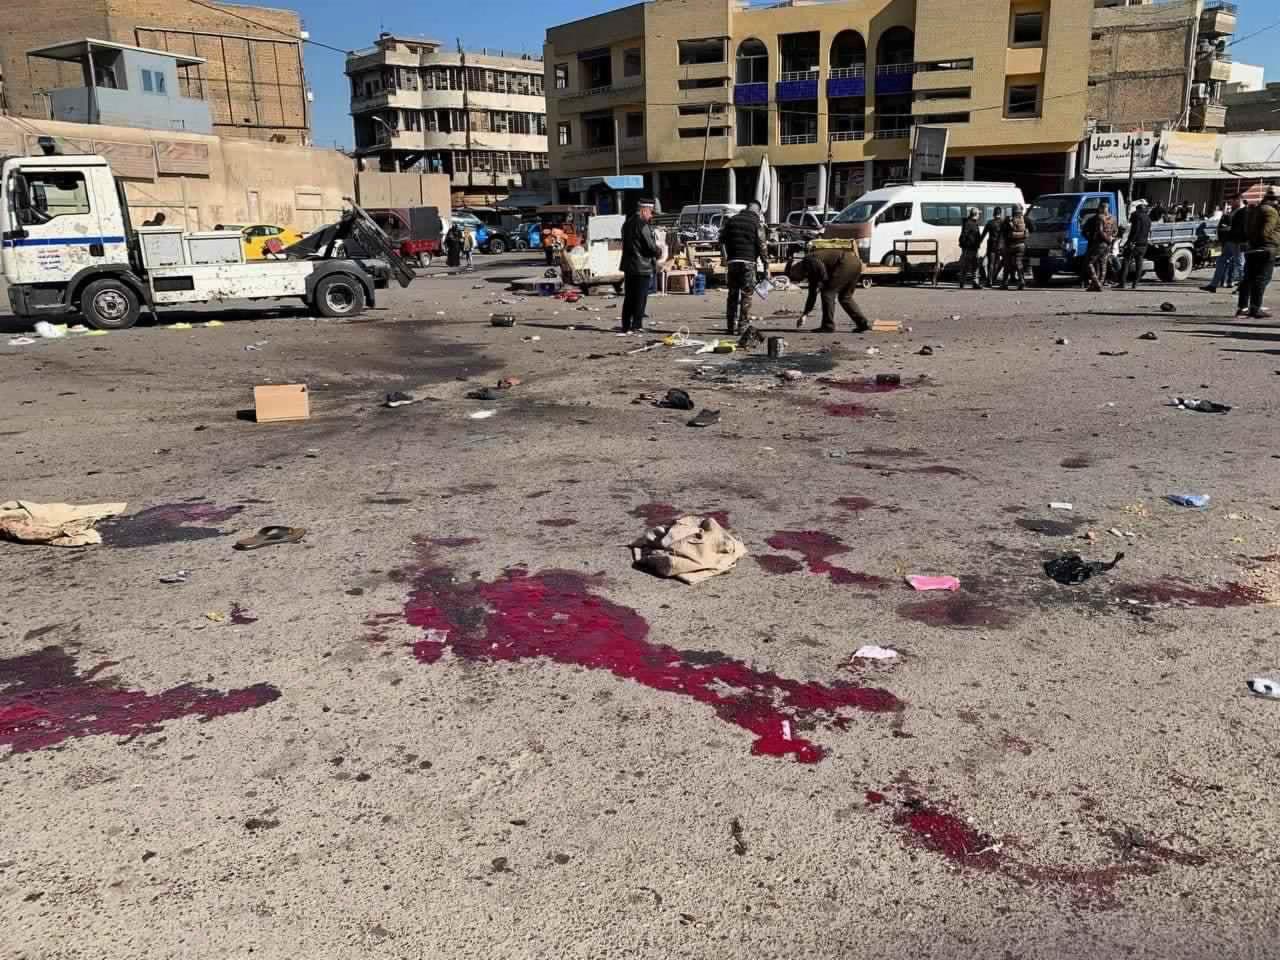 當地時間1月21日,伊拉克巴格達市中心發生自殺式爆炸襲擊。據報道,爆炸襲擊已造成28人死亡,73人受傷。圖為爆炸現場。(美聯社)